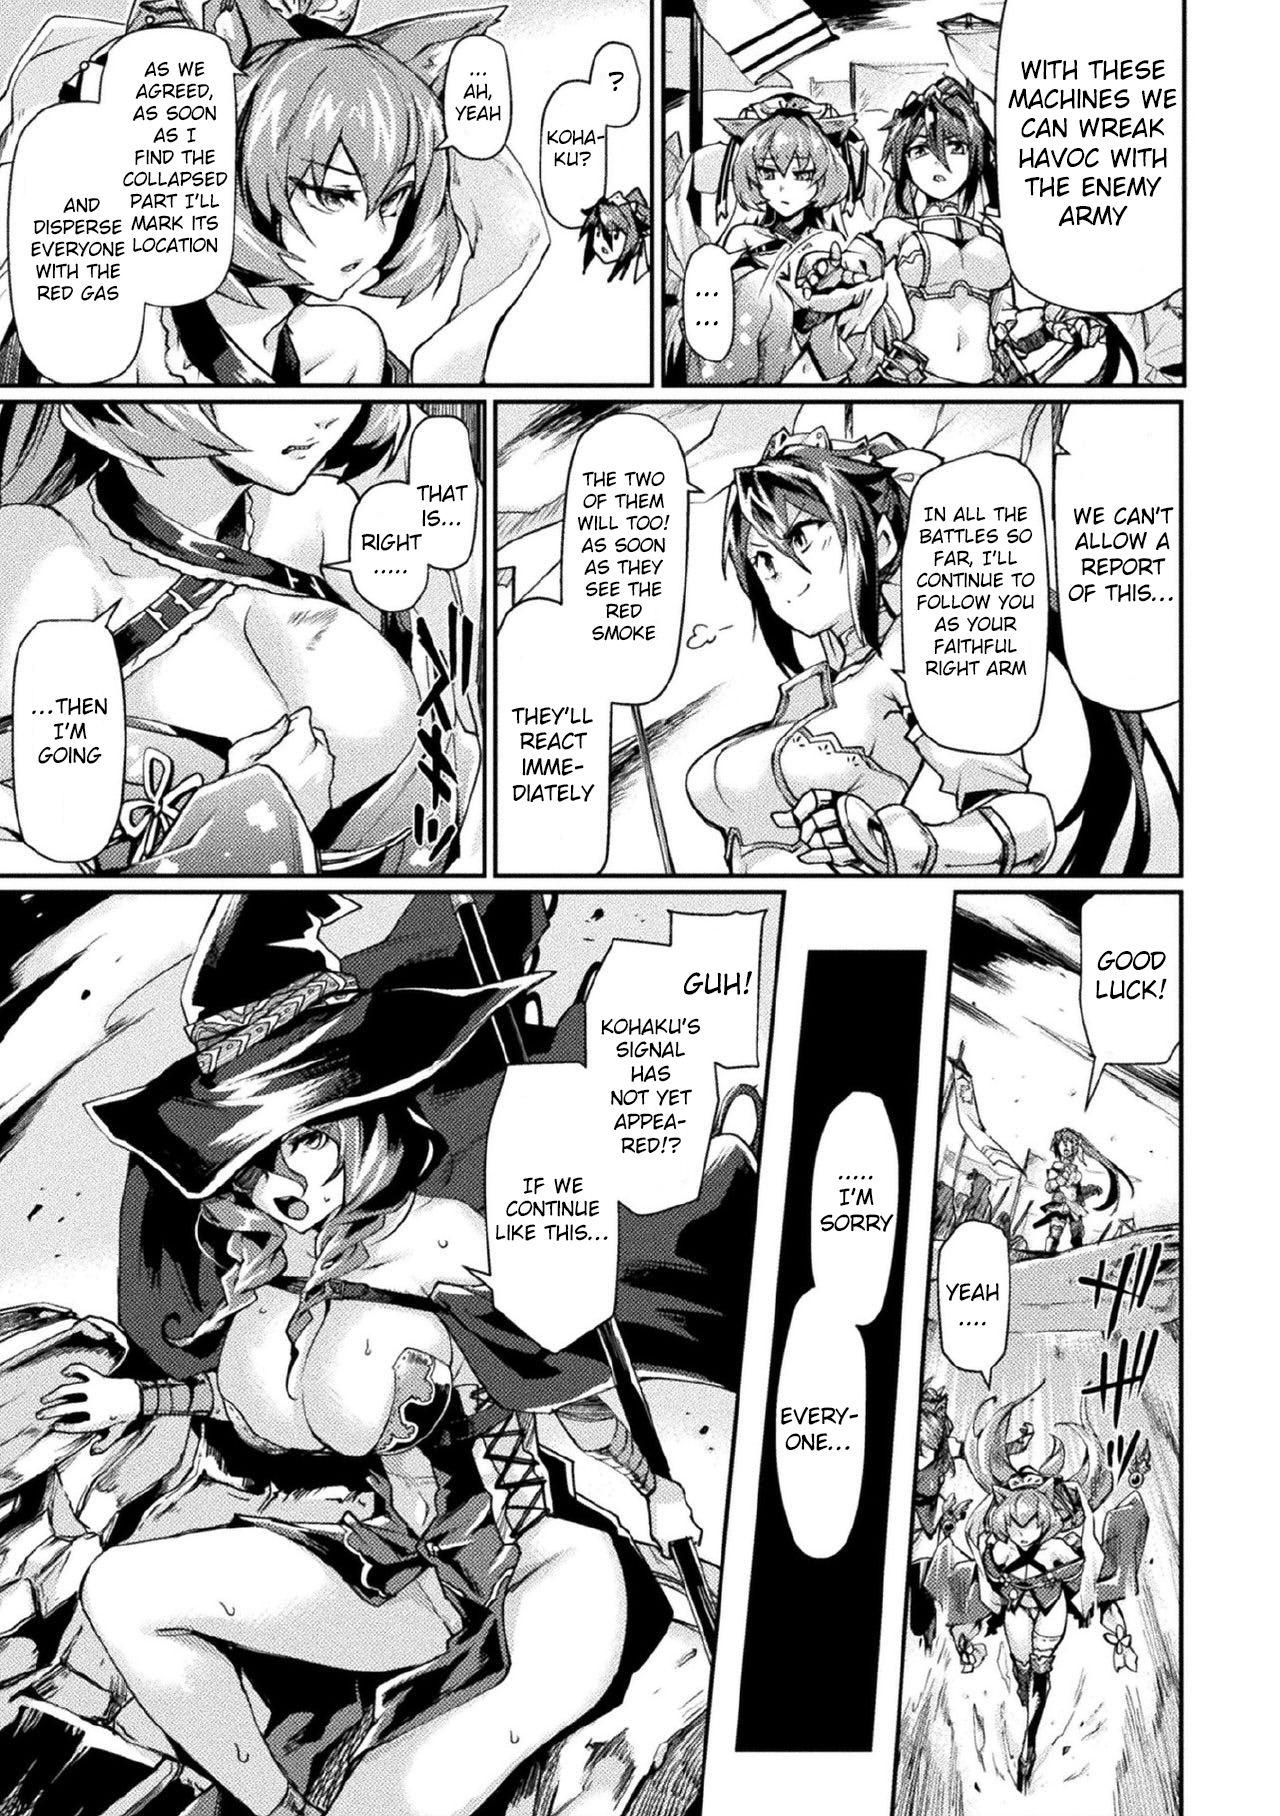 [Tsukitokage] Kuroinu II ~Inyoku ni Somaru Haitoku no Miyako, Futatabi~ THE COMIC Ch. 3 (Kukkoro Heroines Vol. 1) [English] [Raknnkarscans] [Digital] 2